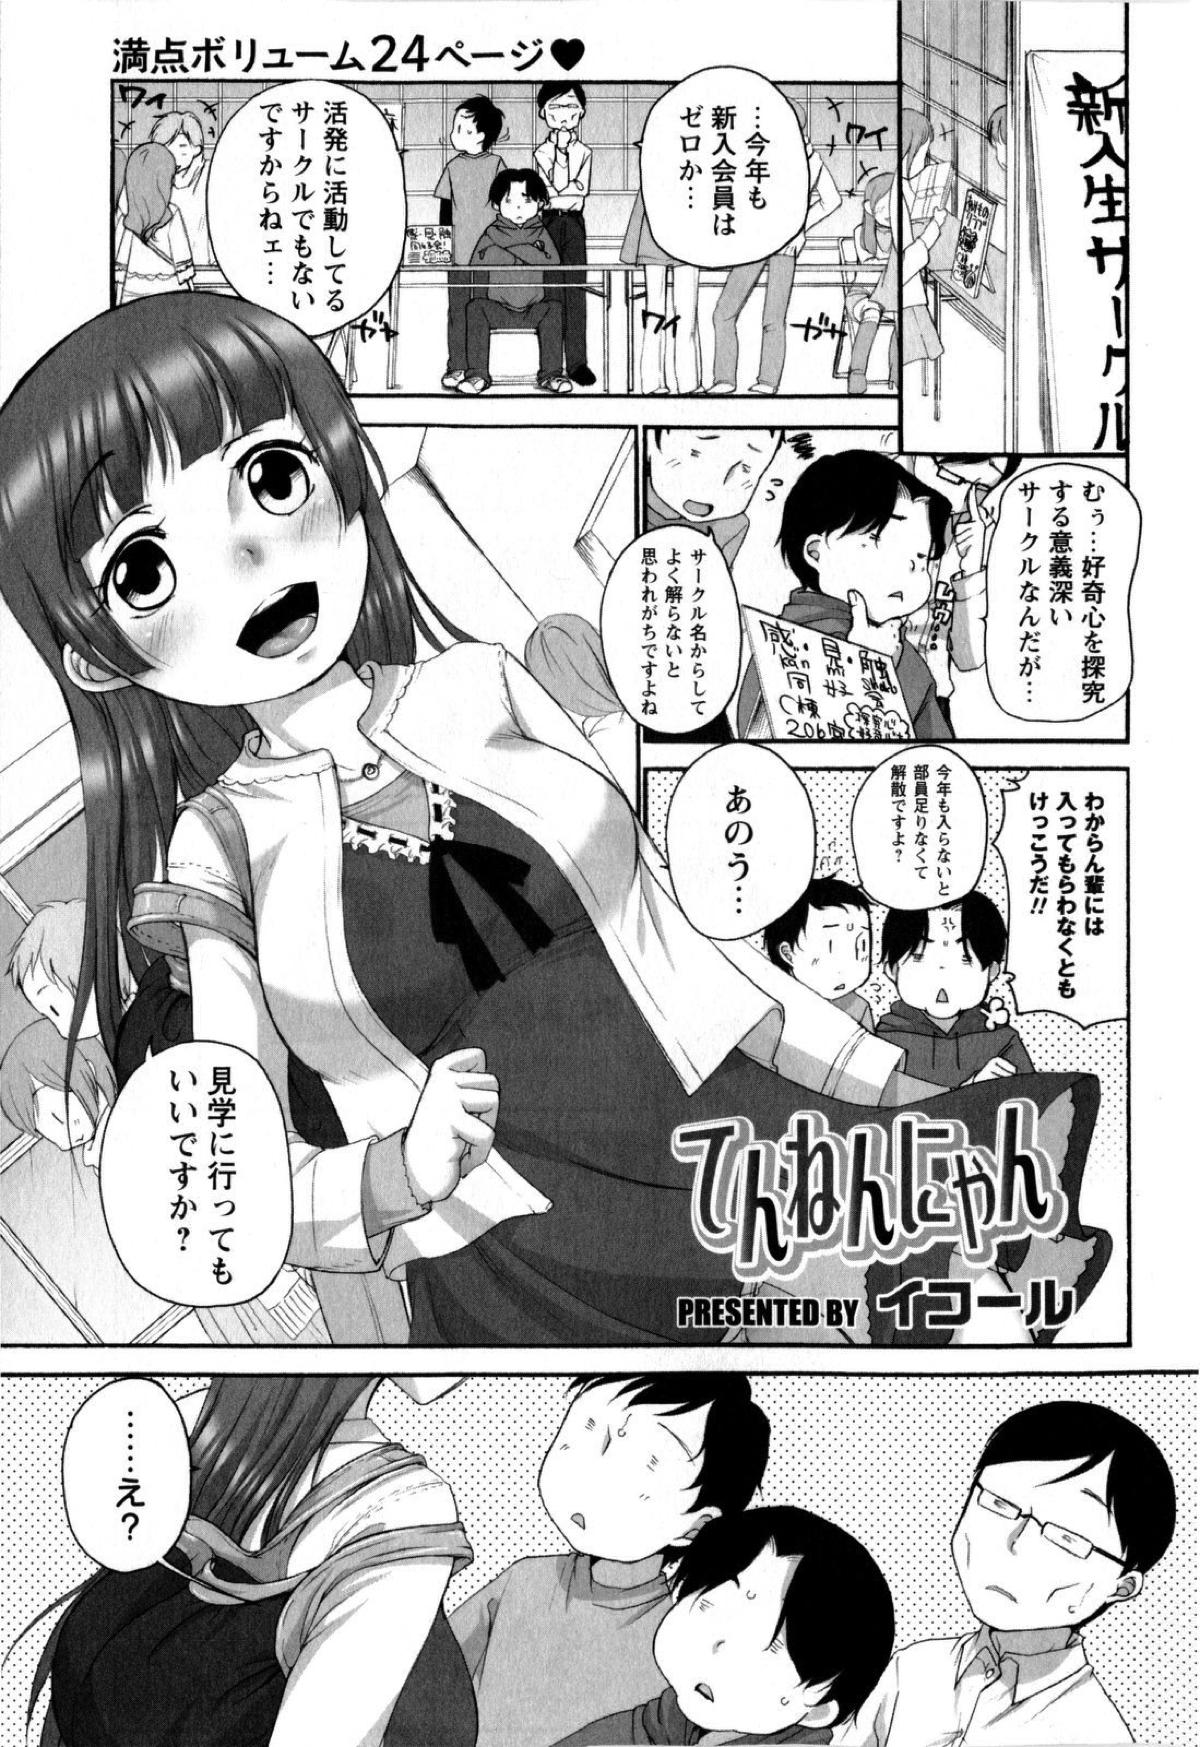 [イコール] てんねんにゃん (1)